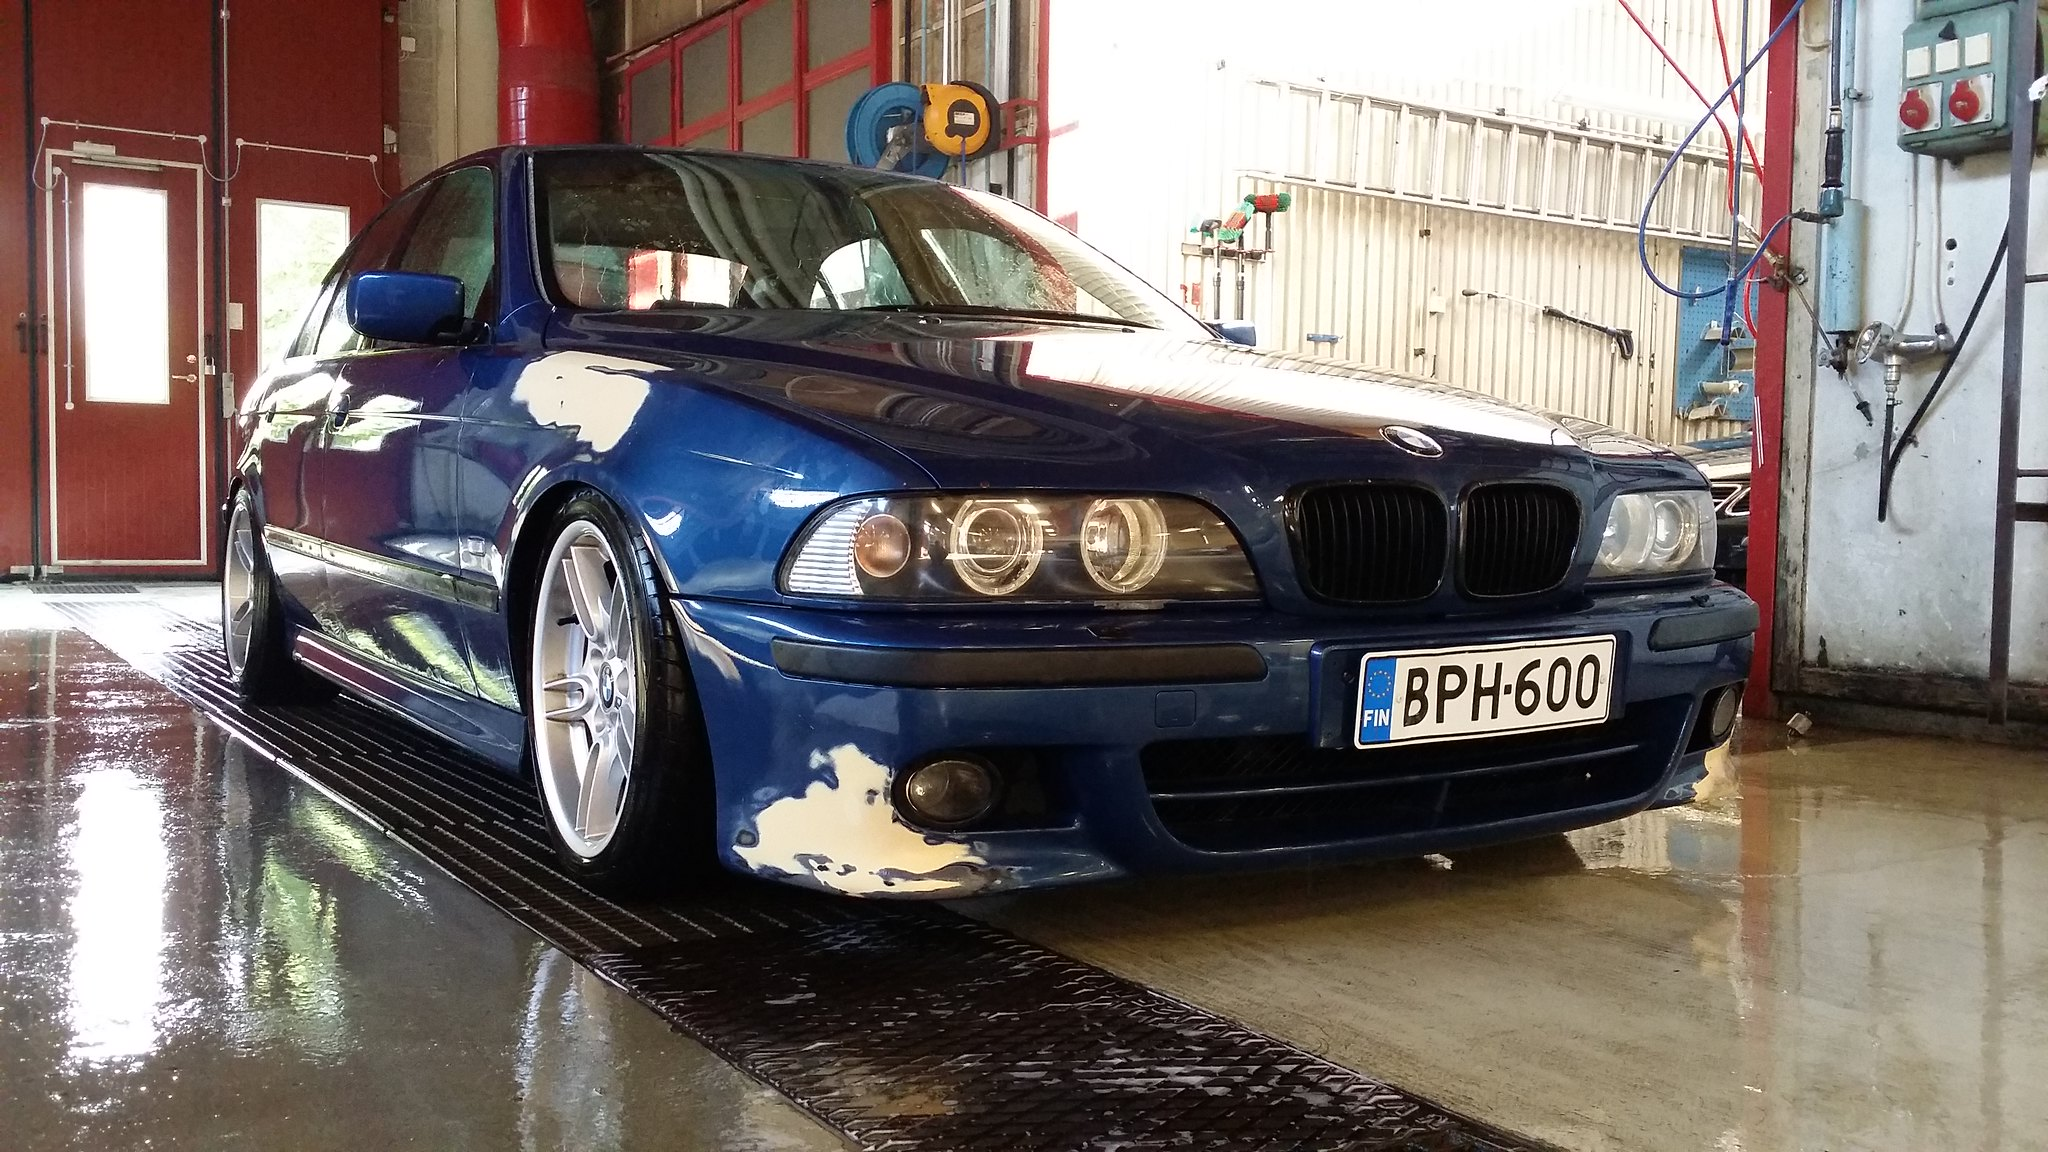 t0mpp4: BMW e39 24256694869_48bfd8de83_k